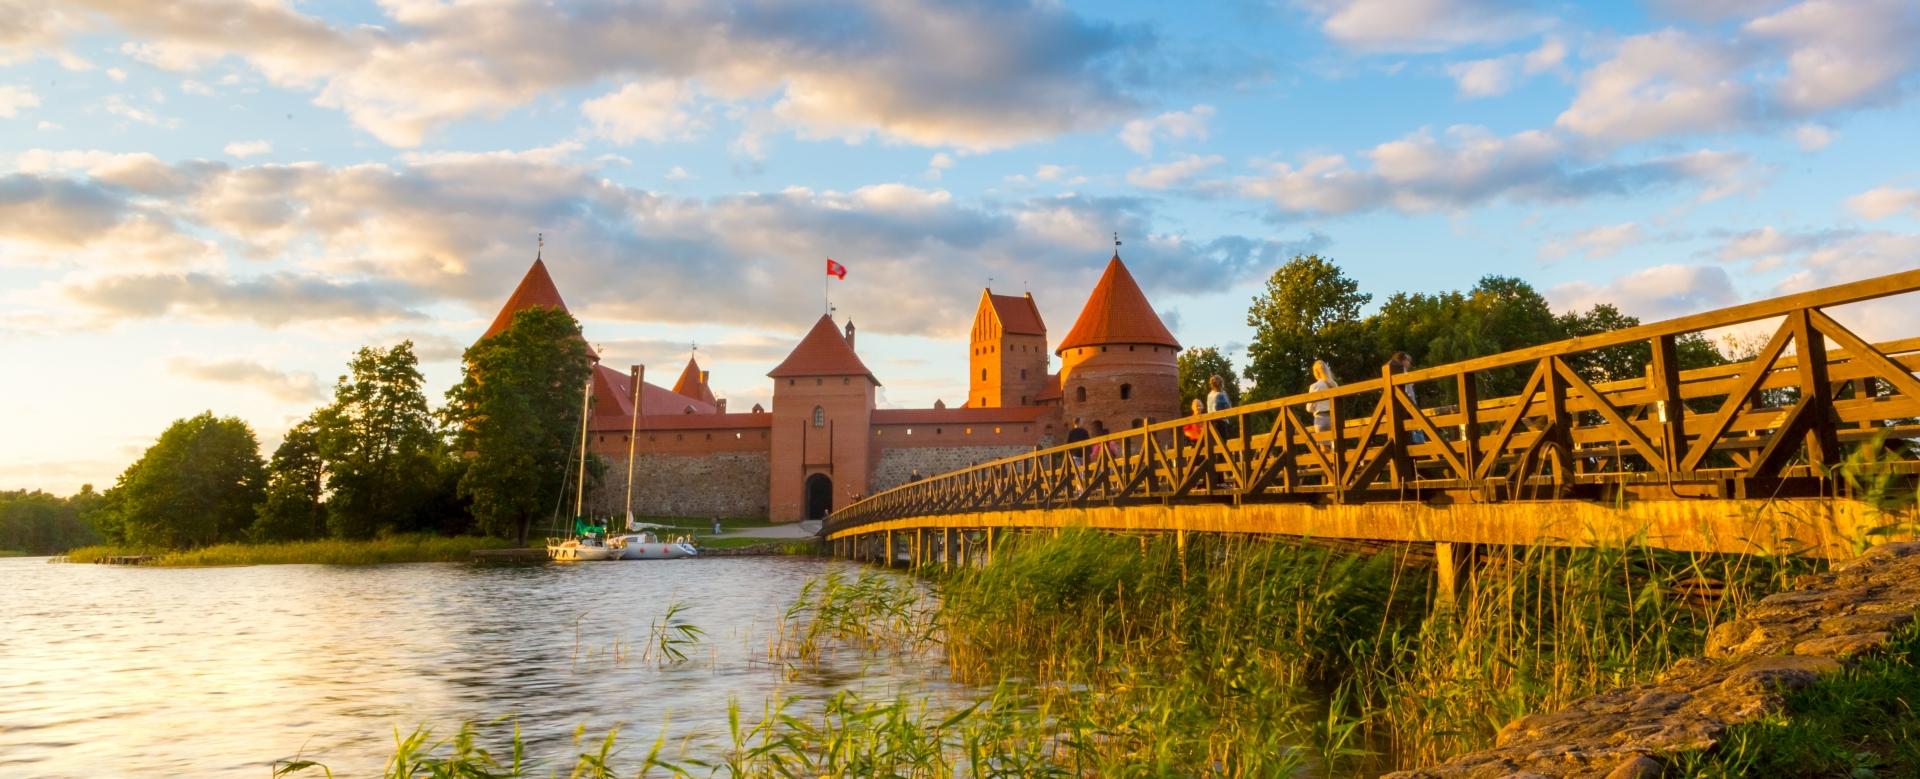 Voyage sur l'eau : Pays baltes : l\'ambre de légende